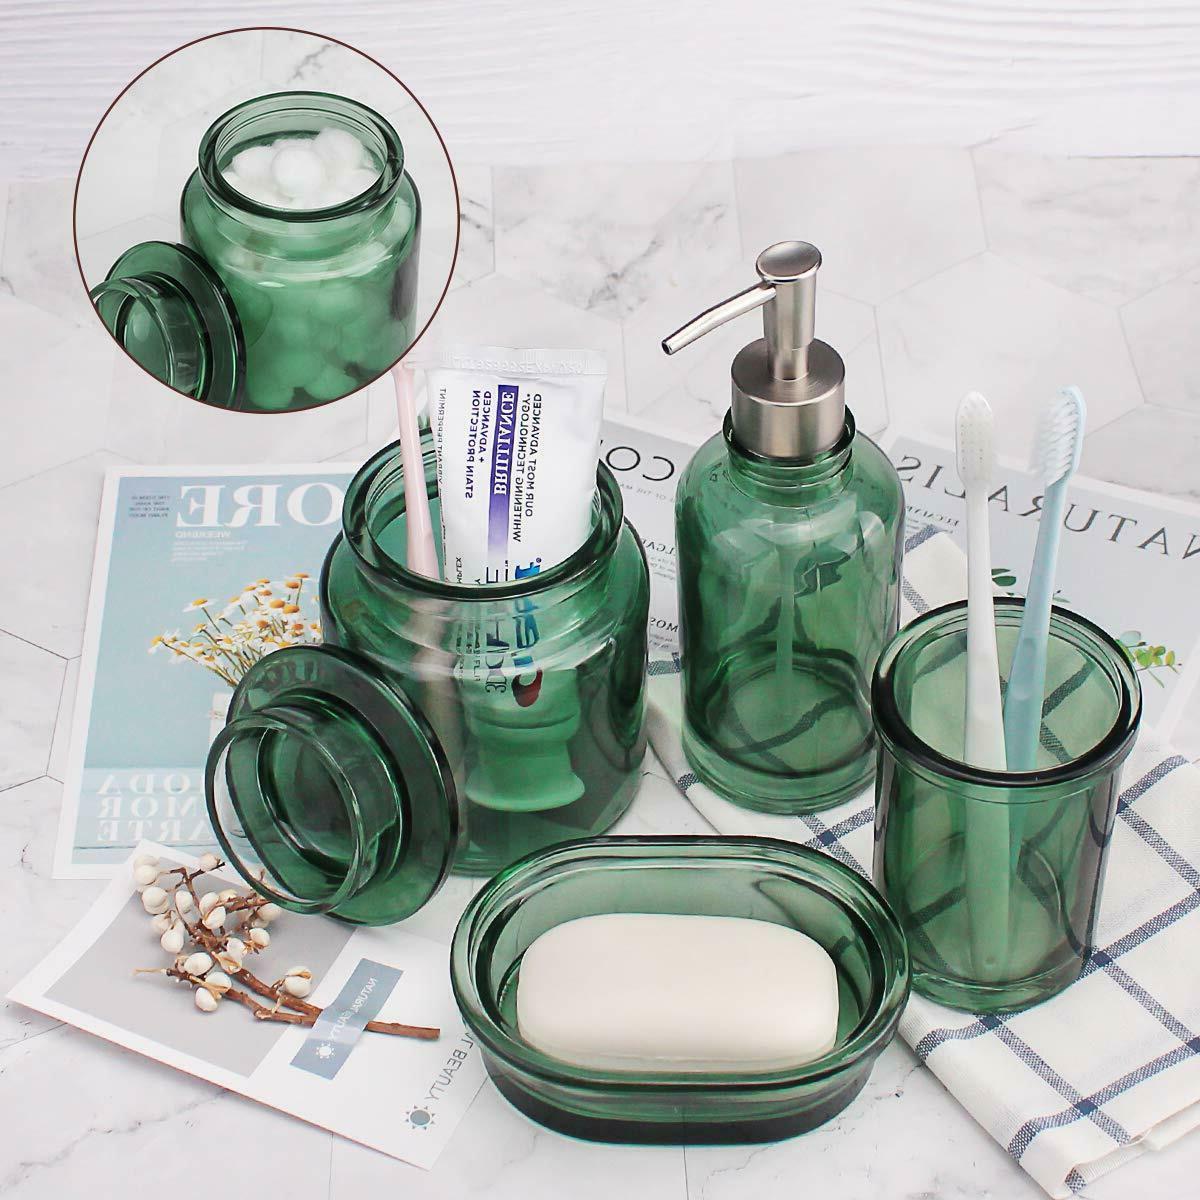 Glass Soap Dispenser, Dish Toothbrush Holder, Tumbler